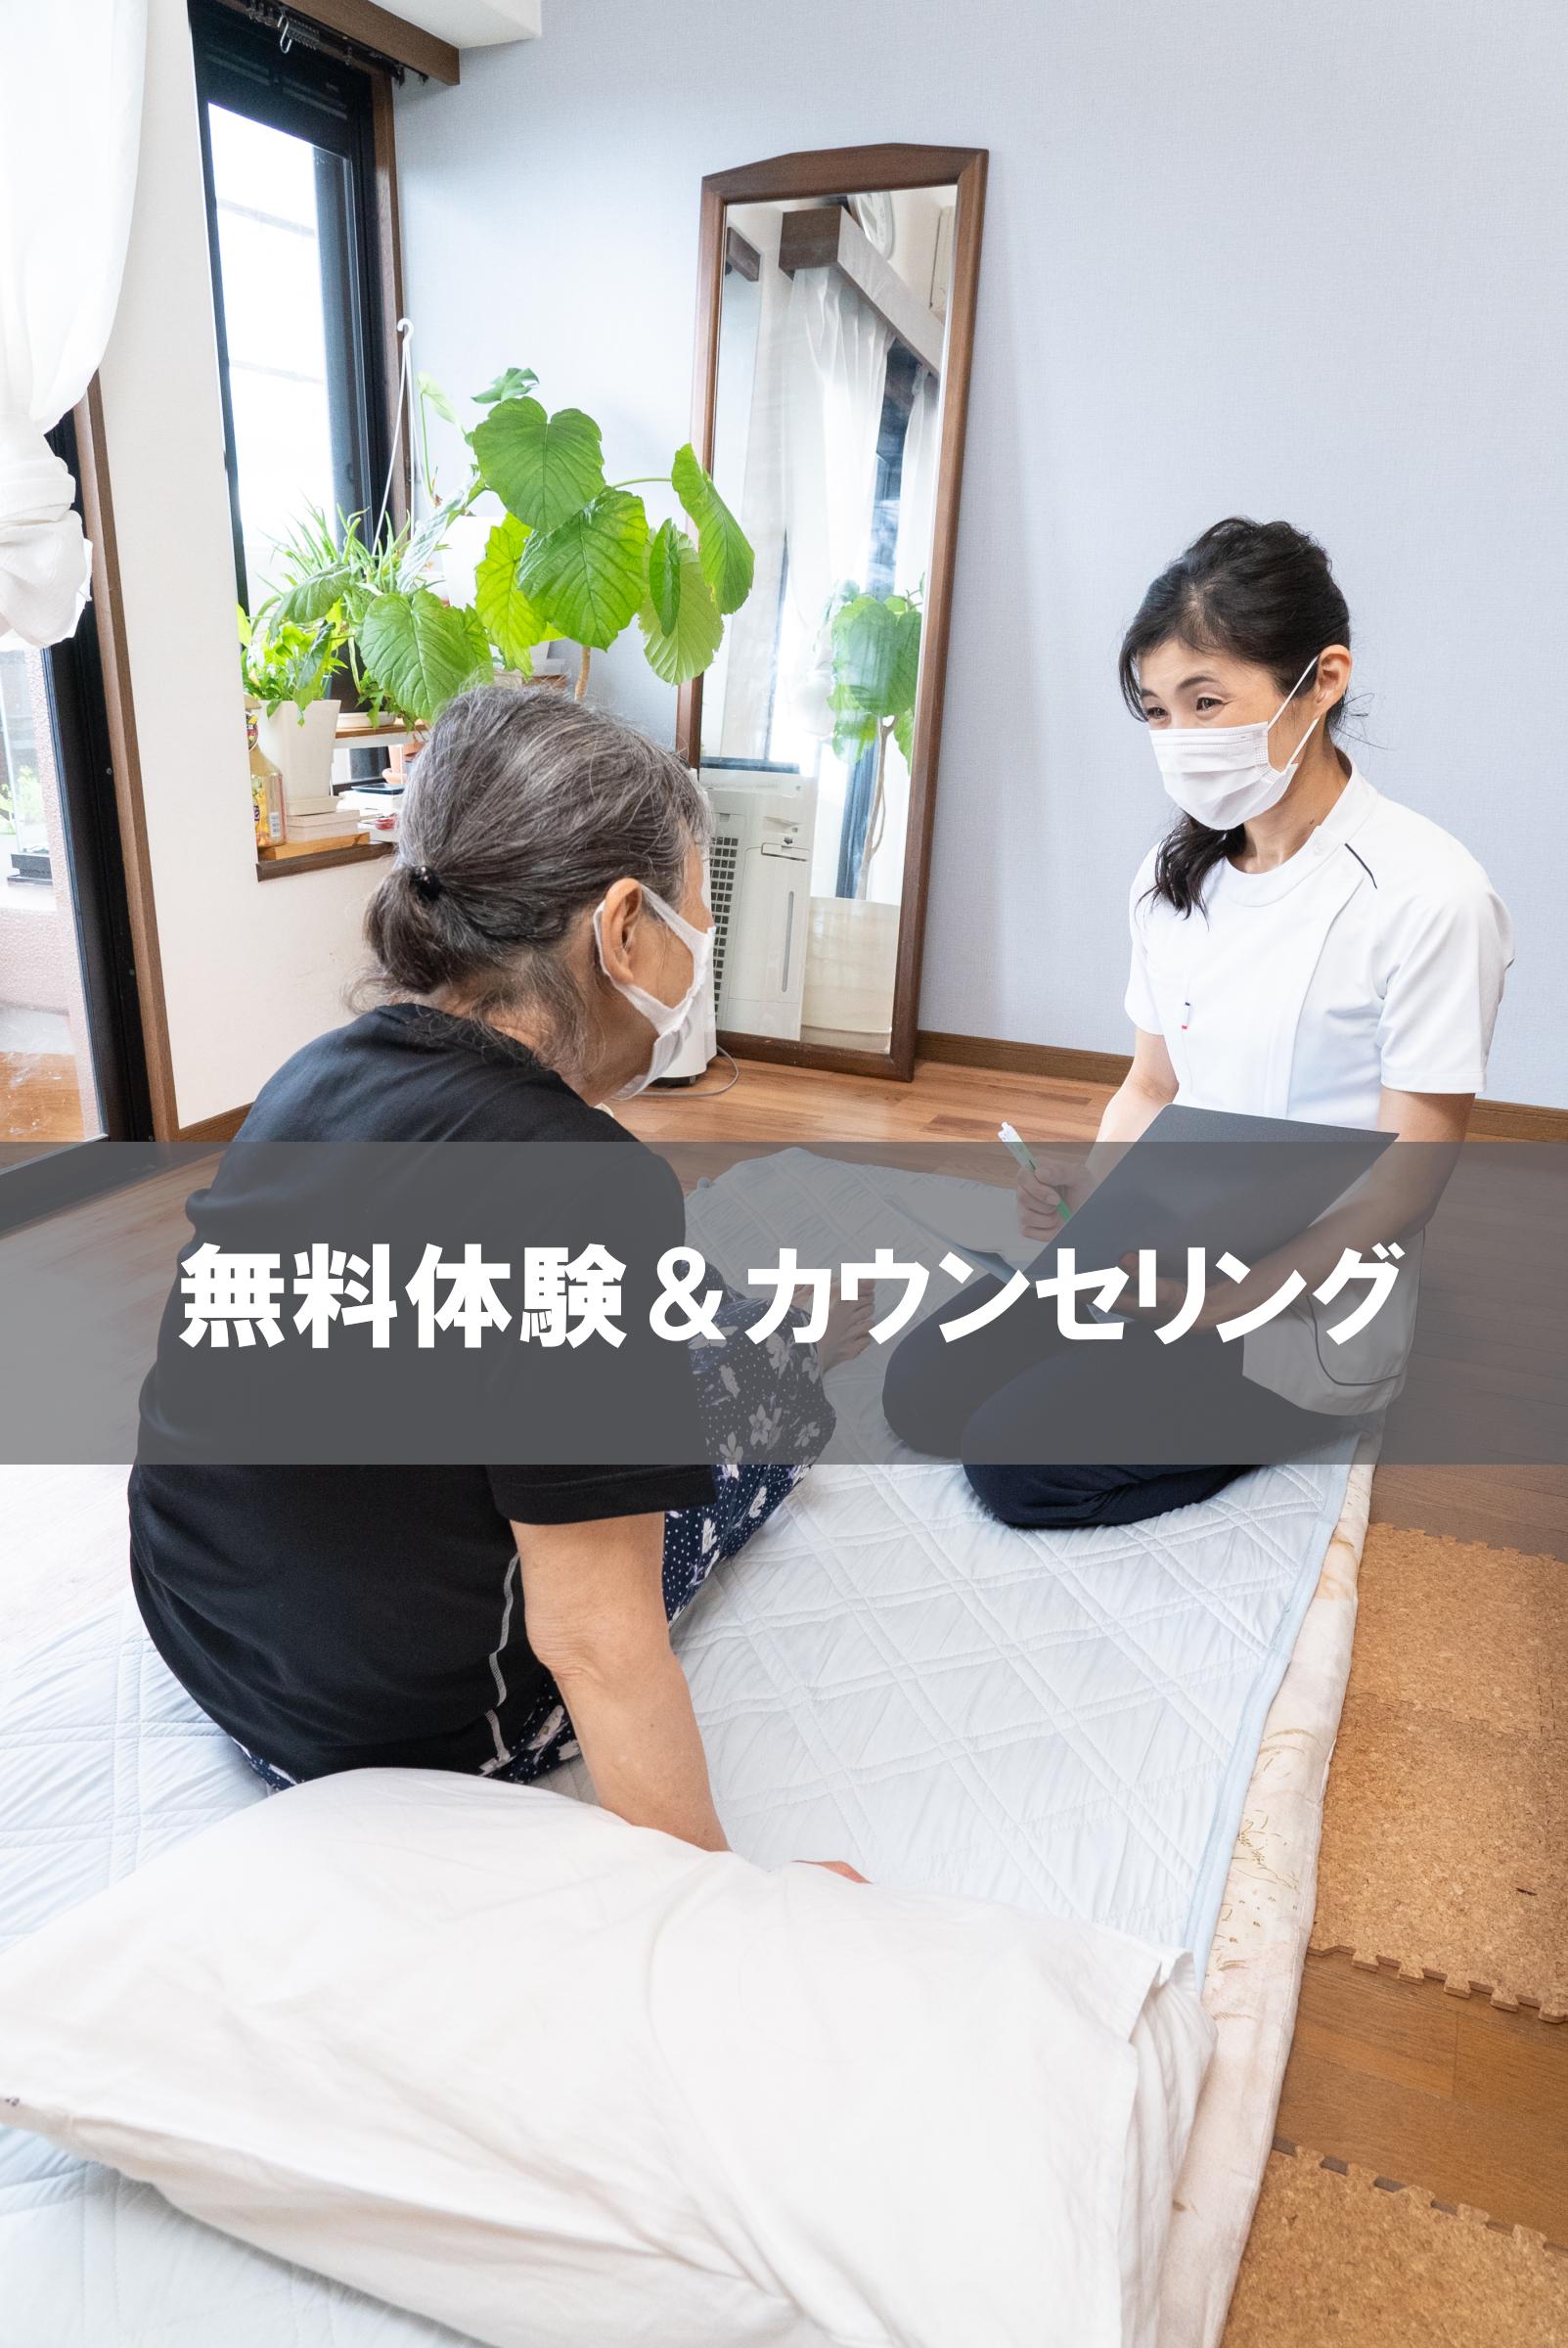 しのぶ鍼灸治療院